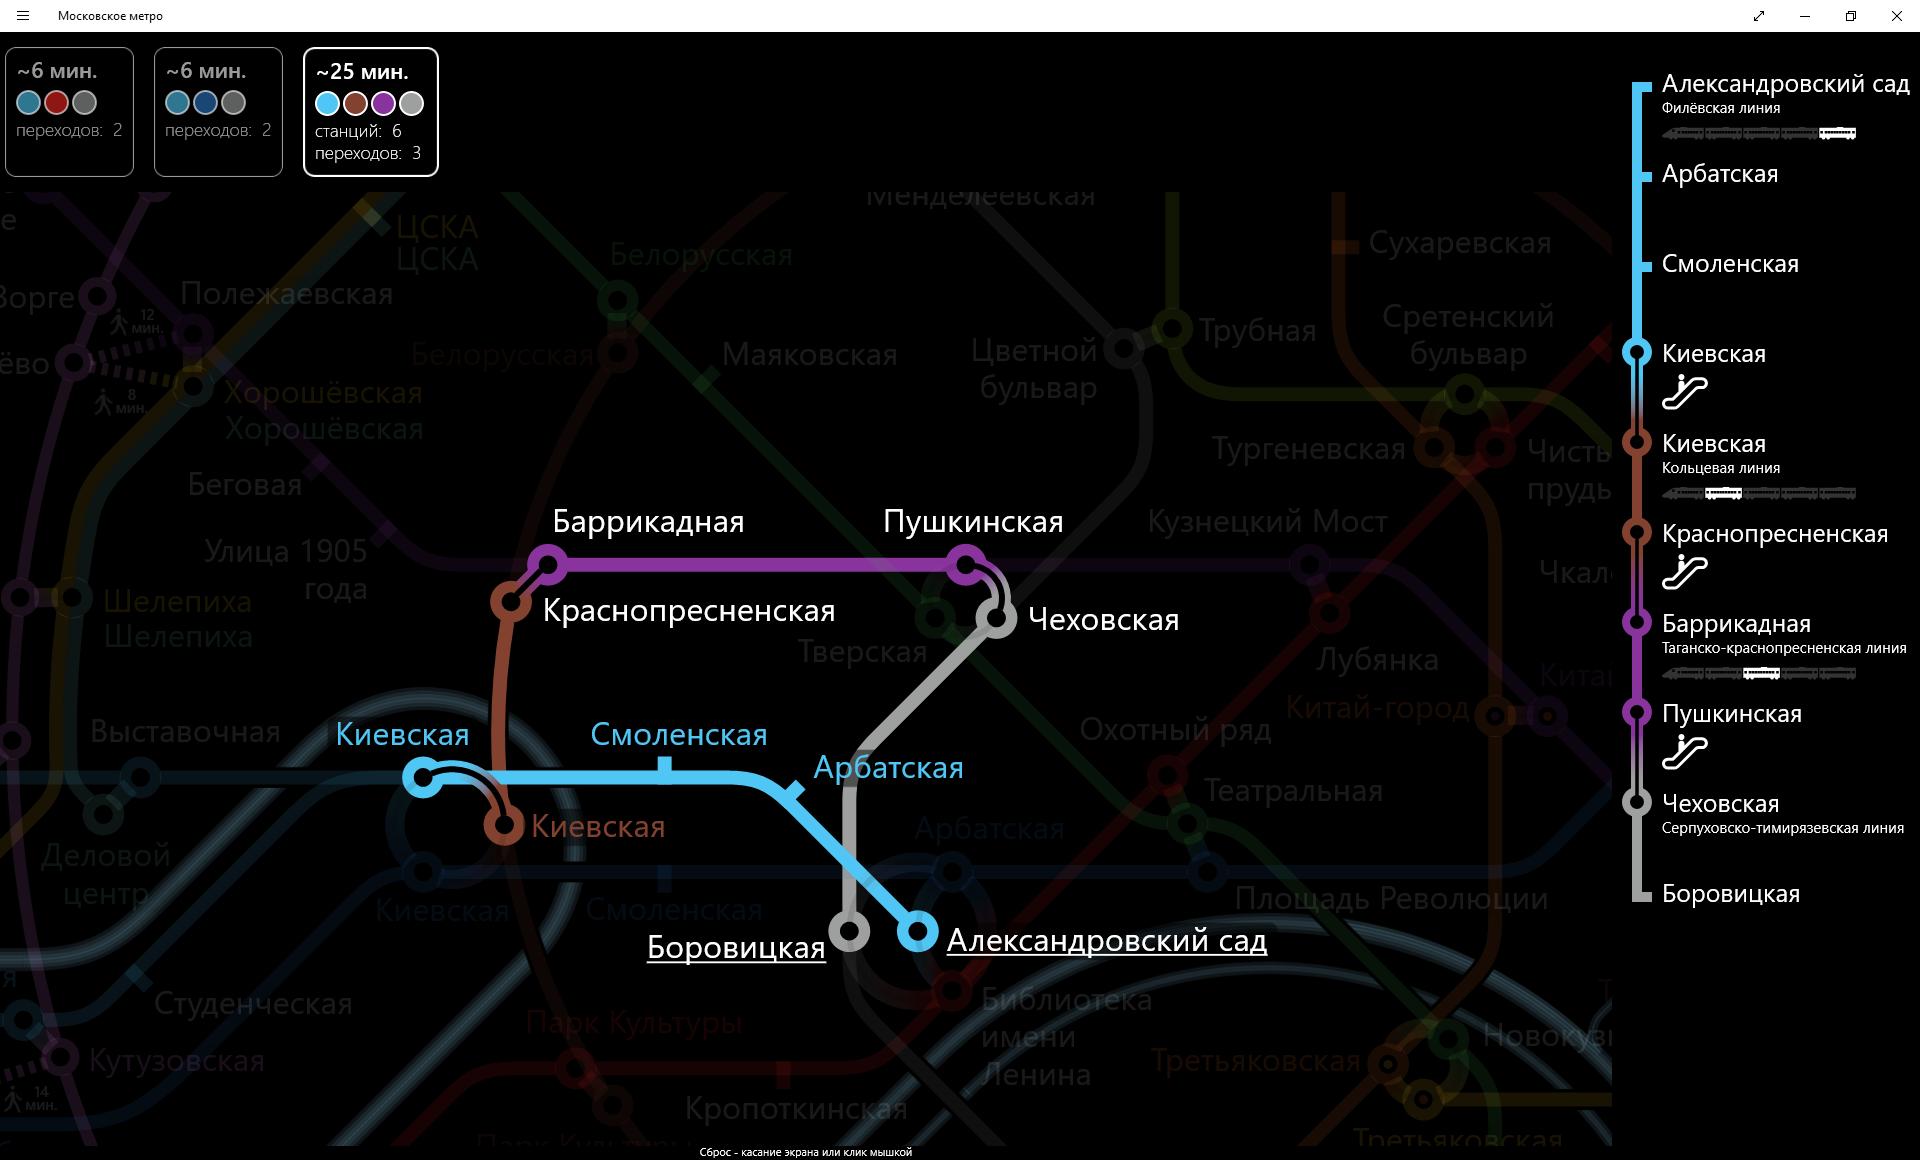 Приложение Московское метро для Windows Store - 8